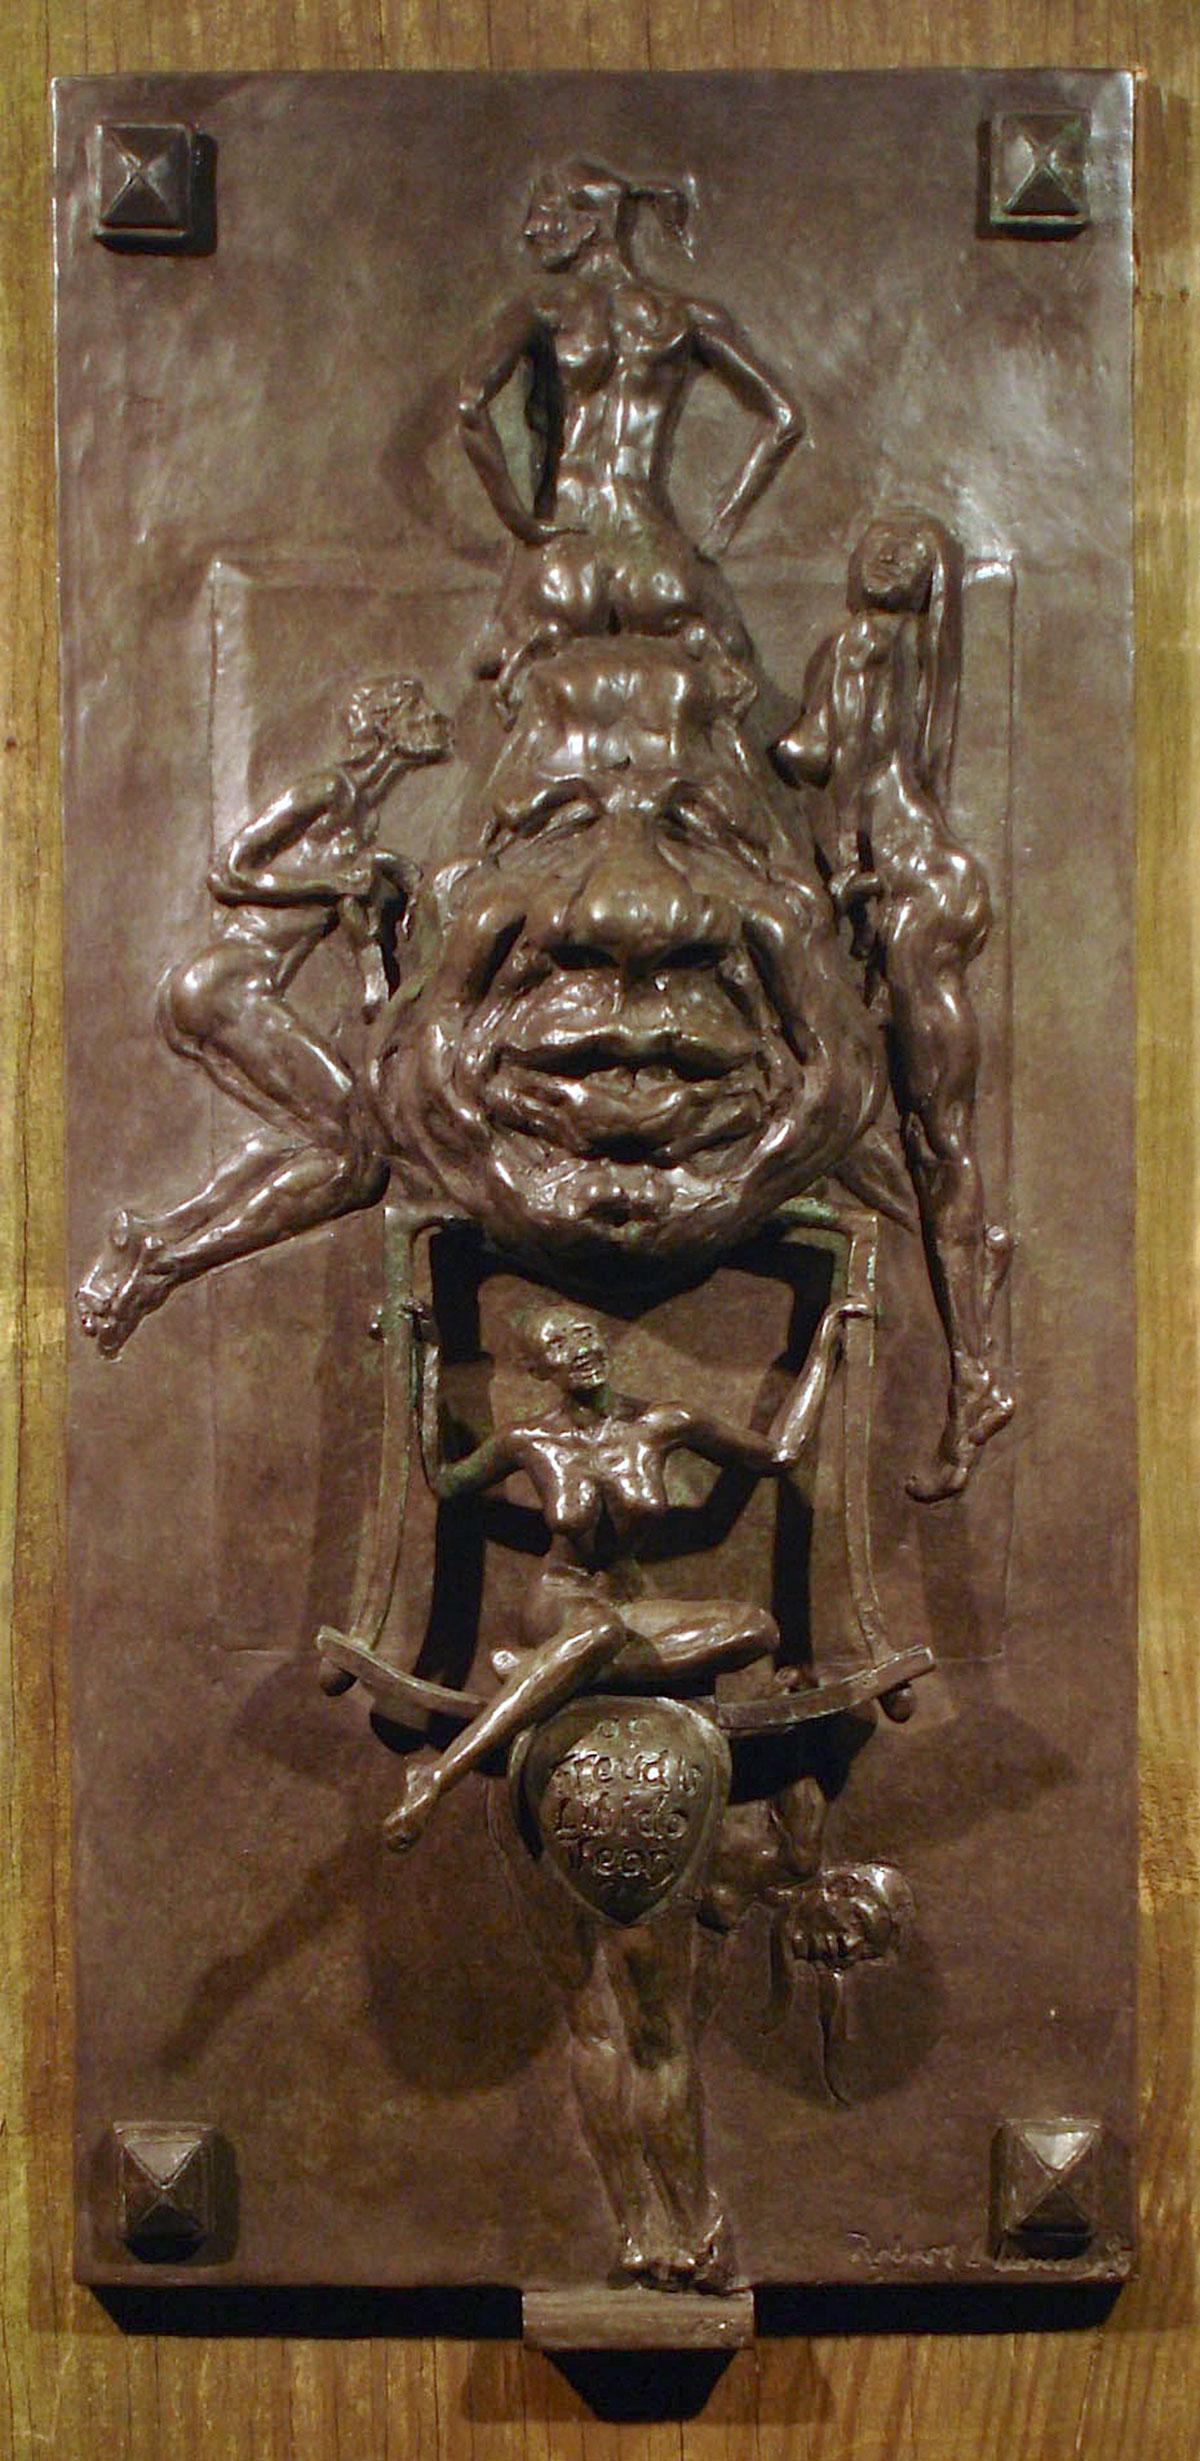 WHAT OF FREUDS LIBIDO THEORY? Bronze High relief (door knocker)